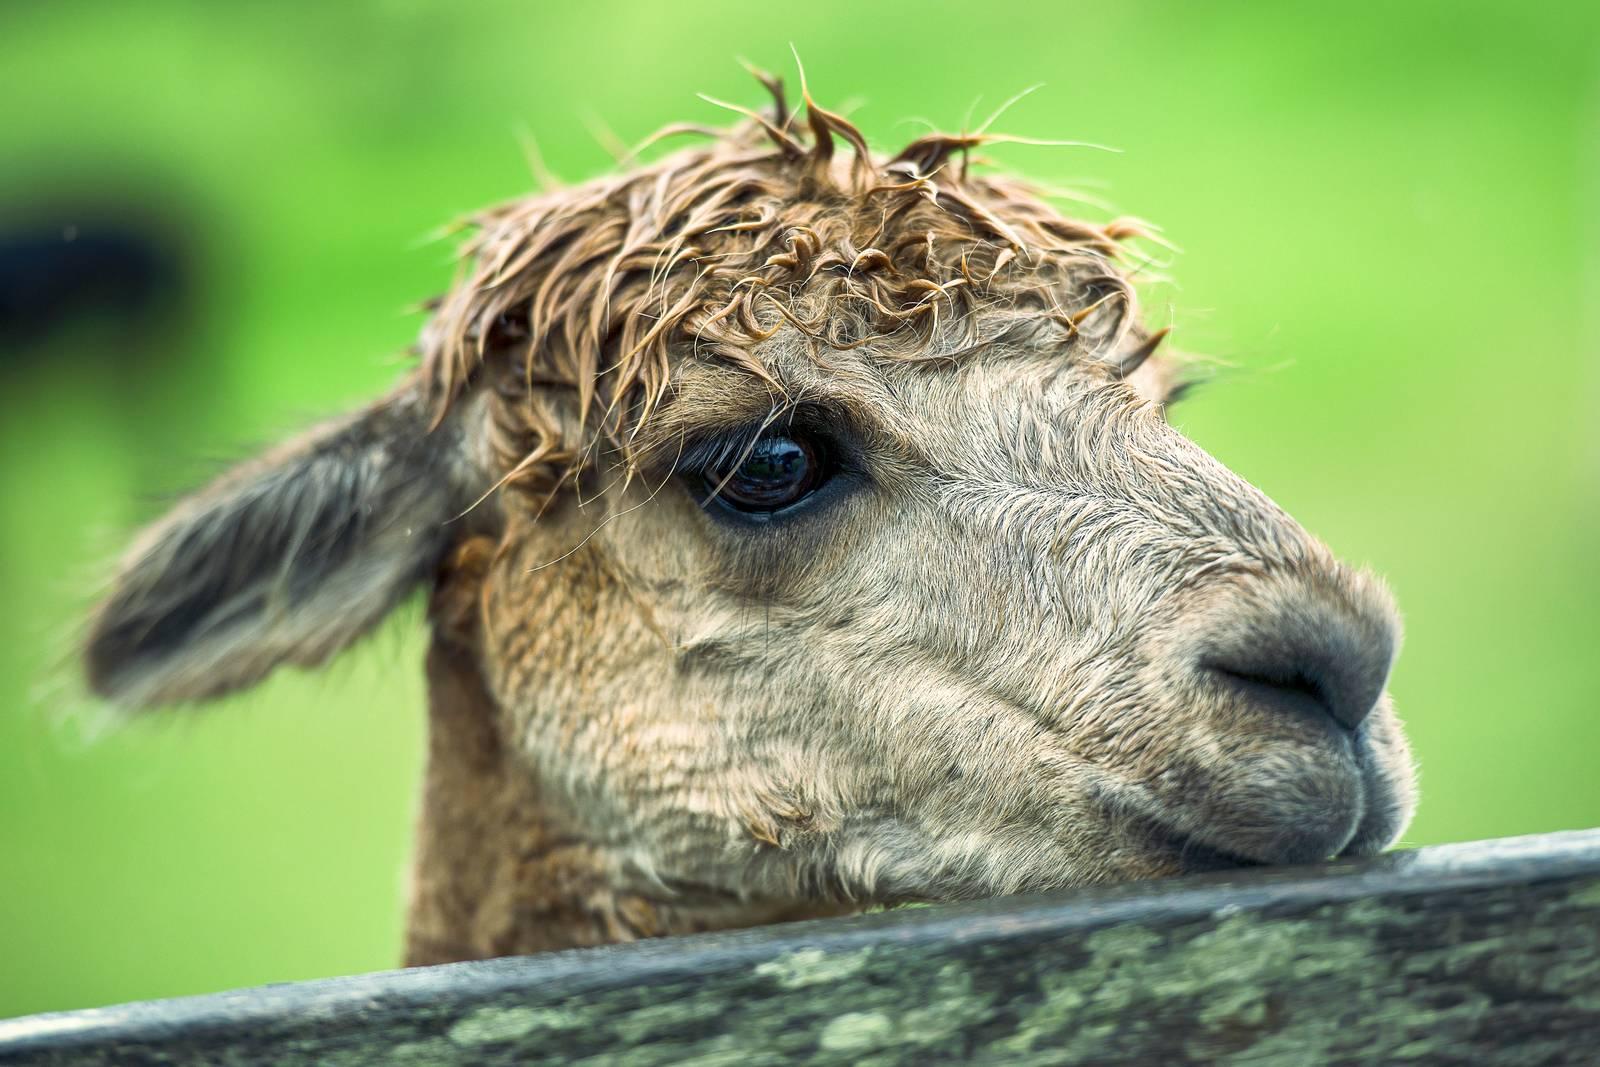 alpaca, llama, snout, pets, soft, neck - D20898254